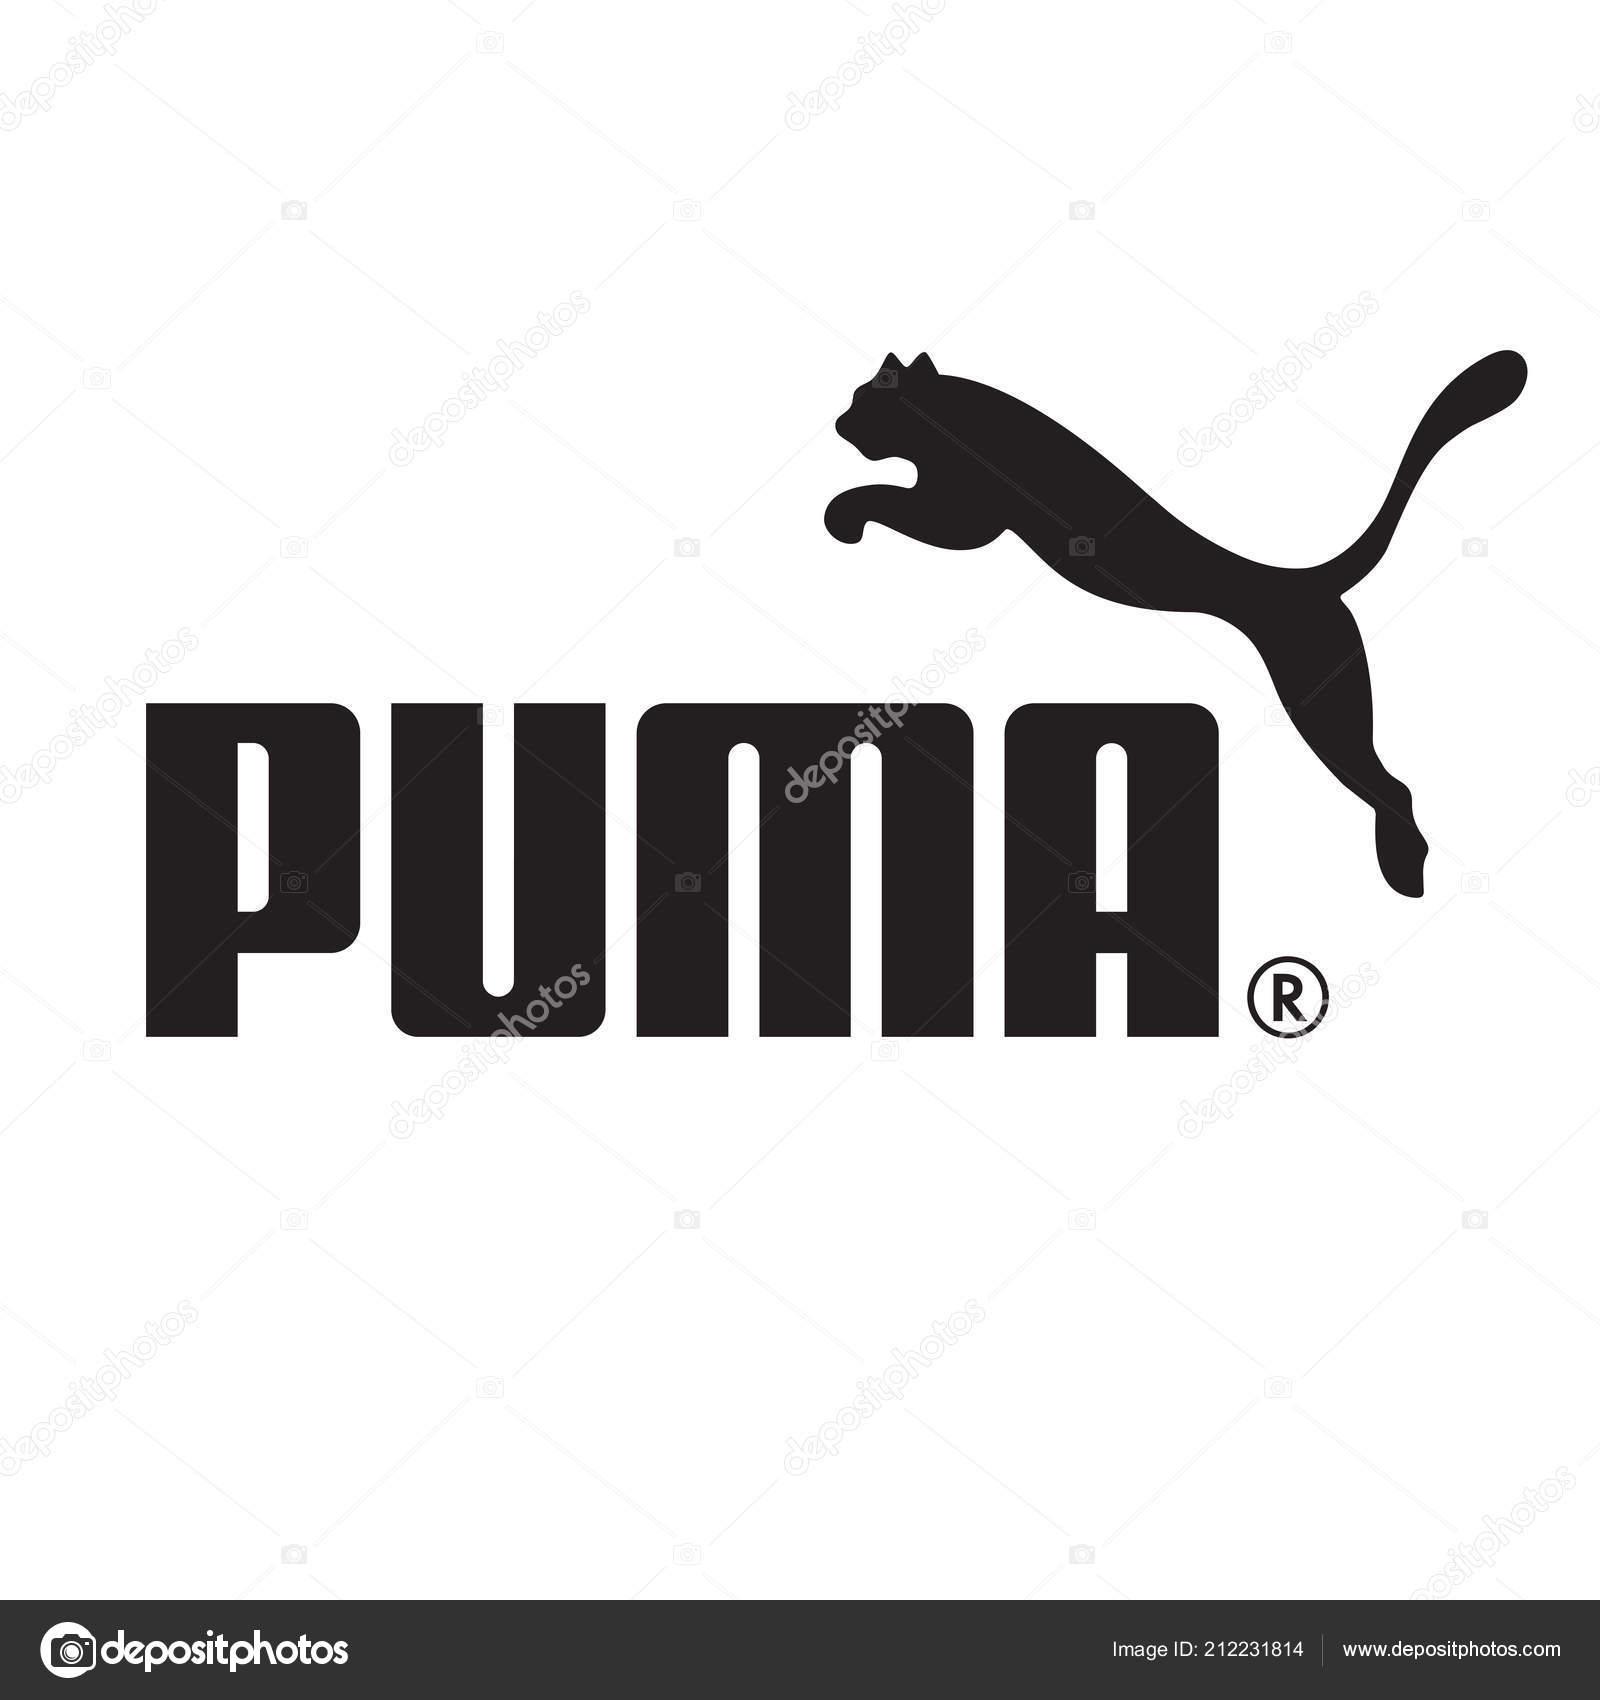 pumas shoes | Puma Logo Brand